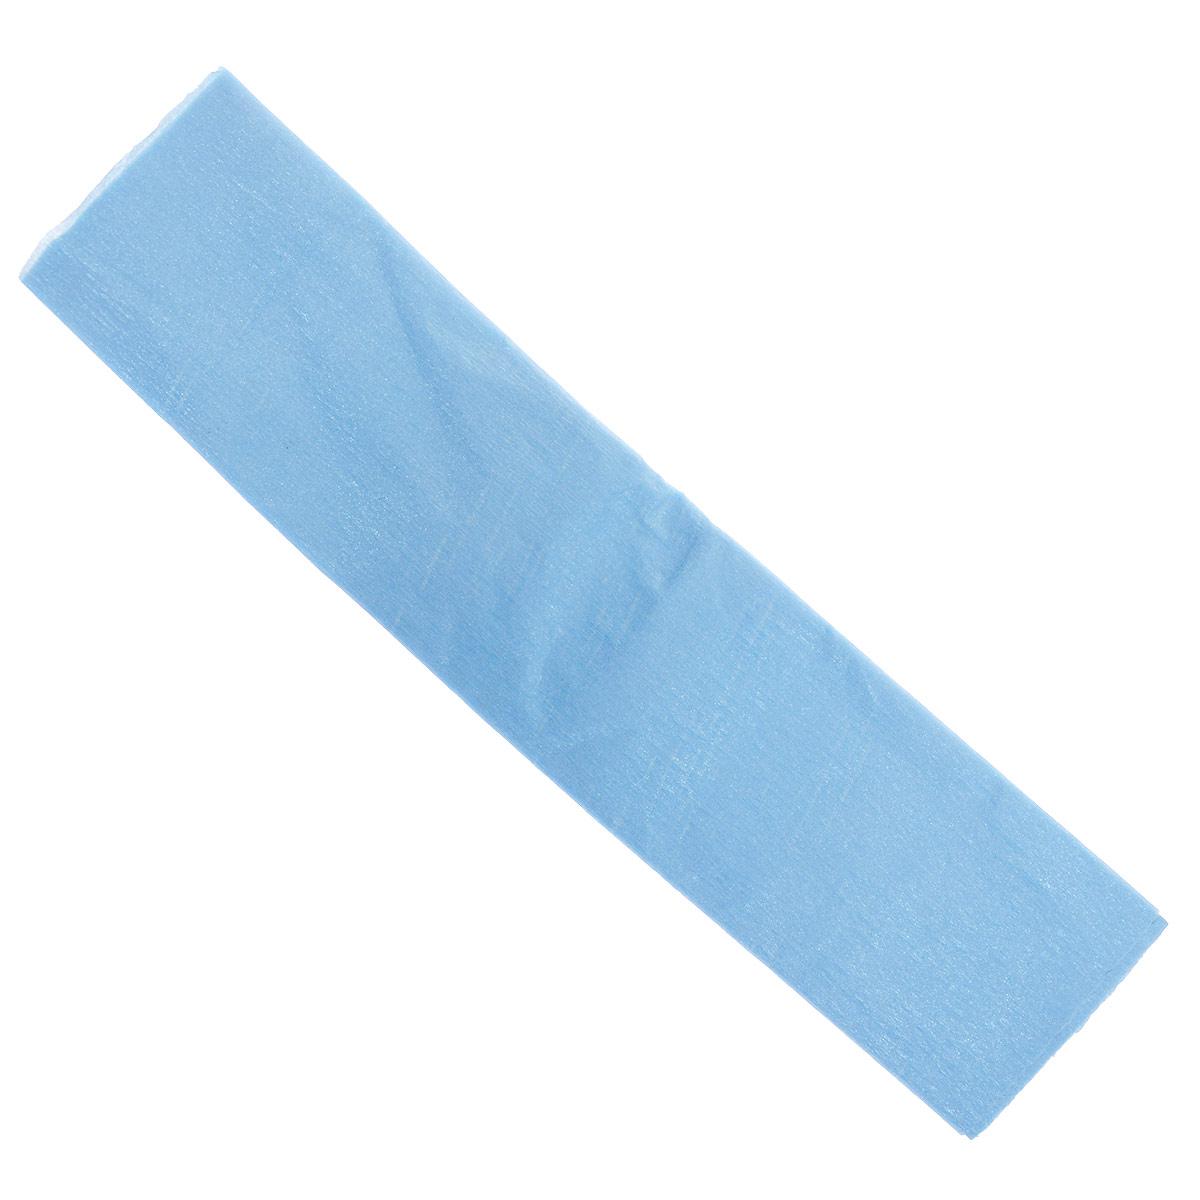 Крепированная бумага Hatber, перламутровая, цвет: голубой, 5 см х 25 см7708055Цветная крепированная бумага Hatber - отличный вариант для развития творчества вашего ребенка. Бумага с фактурным покрытием очень гибкая и мягкая, из нее можно создавать чудесные аппликации, игрушки, подарки и объемные поделки. Цветная крепированная бумага Hatber способствует развитию фантазии, цветовосприятия и мелкой моторики рук. Размер бумаги - 5 см х 25 см.